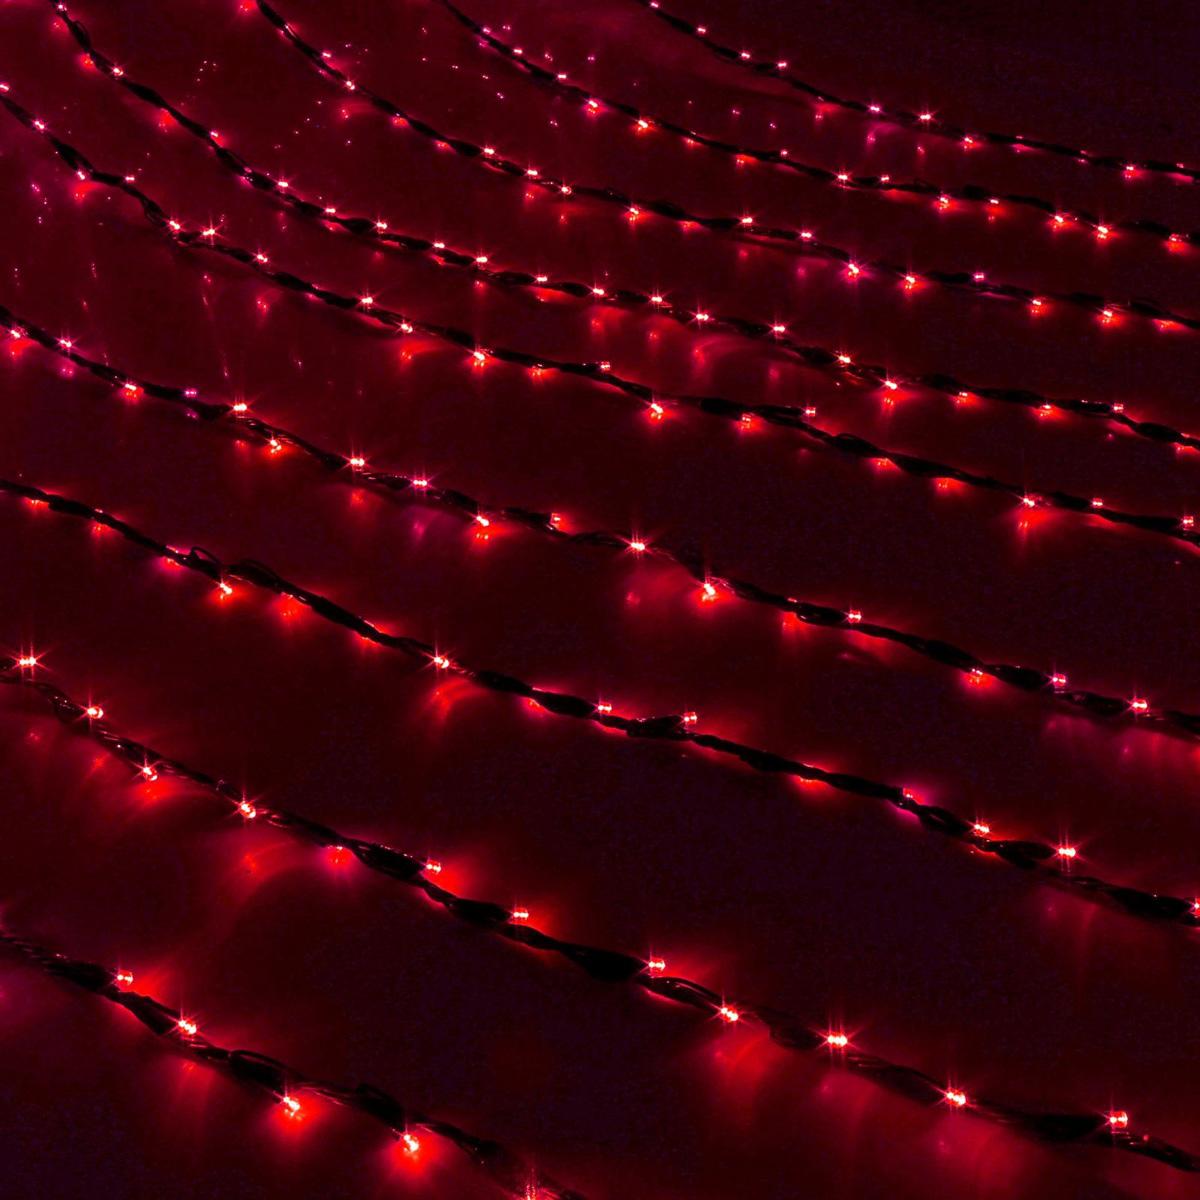 Гирлянда светодиодная Luazon Дождь, уличная, 8 режимов, 1500 ламп, 220 V, цвет: красный, 2 х 6 м. 187312 гирлянда светодиодная luazon дождь уличная 8 режимов 400 ламп 220 v цвет мультиколор 2 х 1 5 м 671675